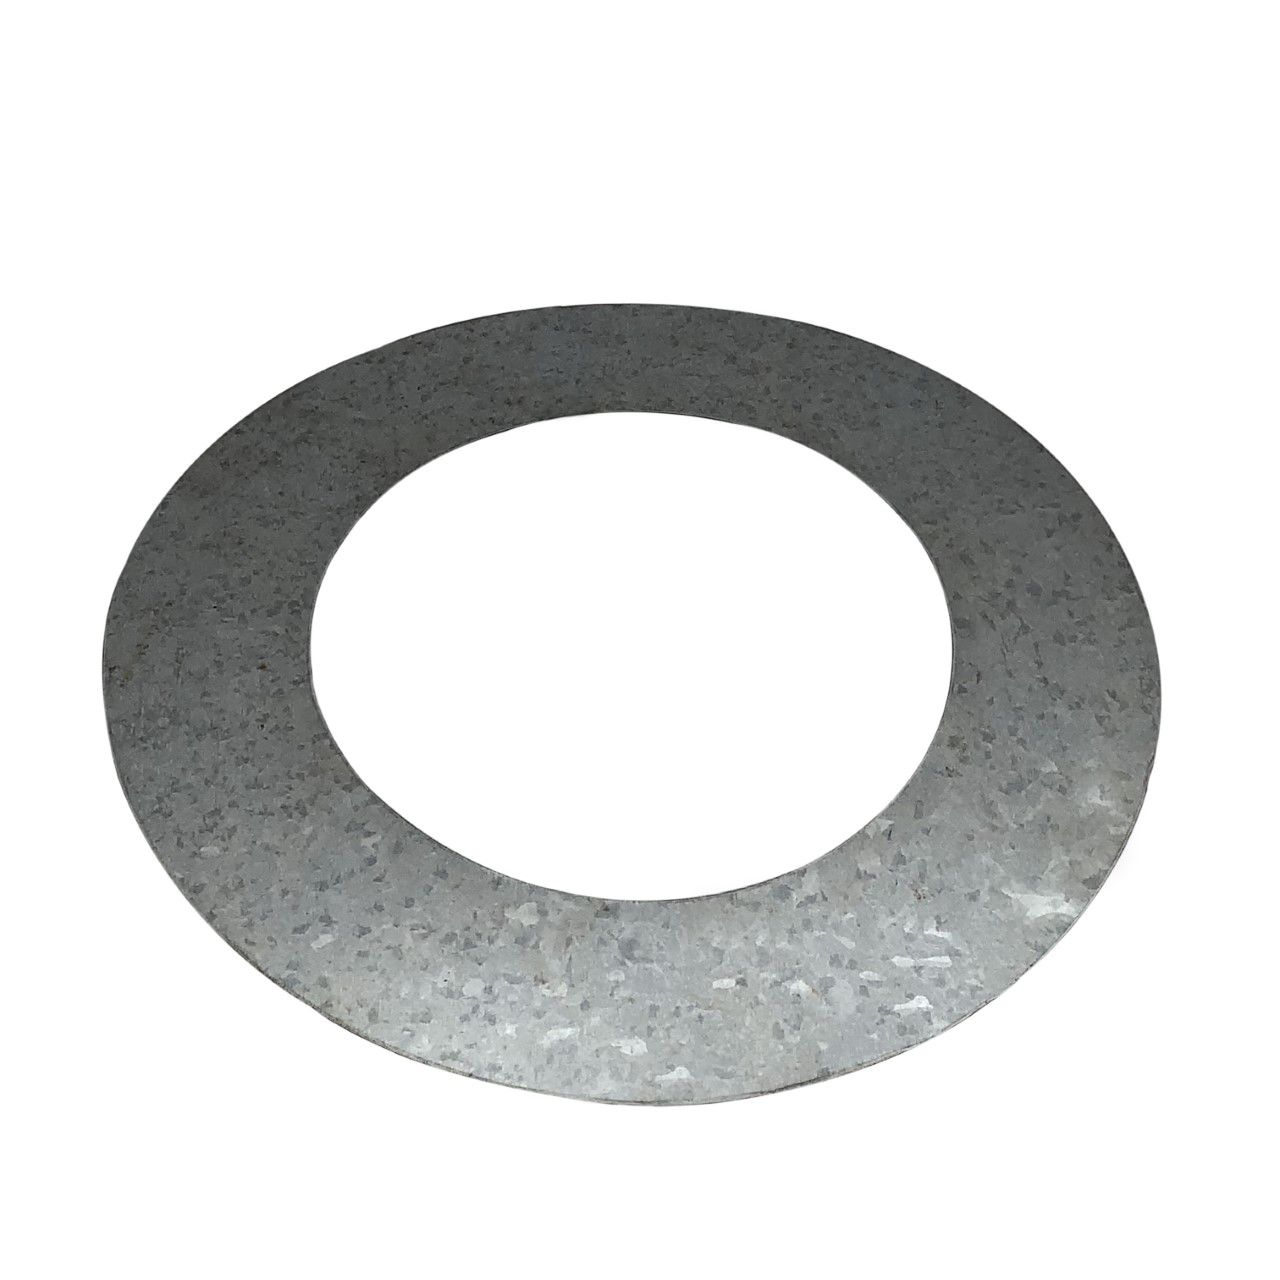 Anel de acabamento galvanizado para laje ou parede para dutos de 100 mm de diâmetro  - Galvocalhas